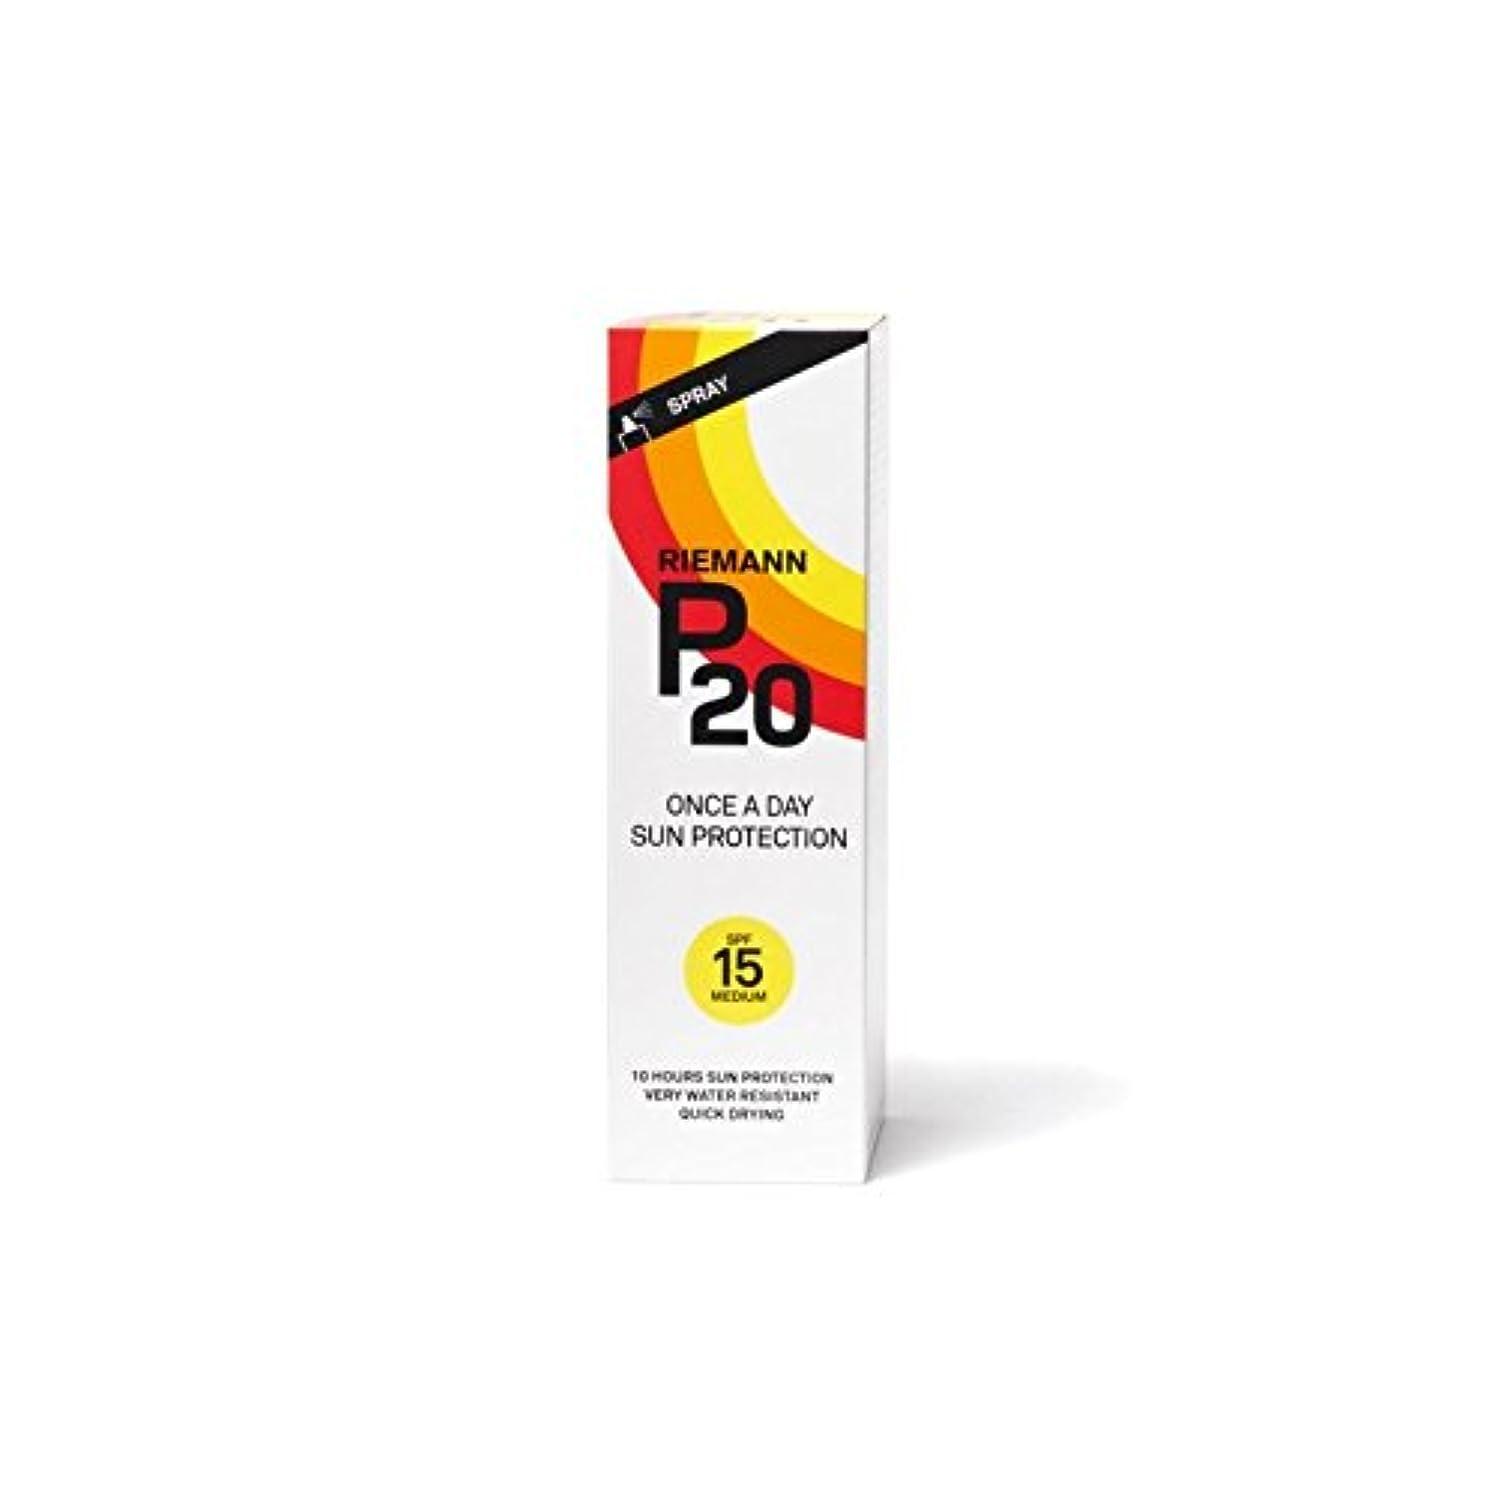 余裕がある頻繁に大惨事Riemann P20 Sun Filter 100ml SPF15 - リーマン20のサンフィルター100ミリリットル15 [並行輸入品]